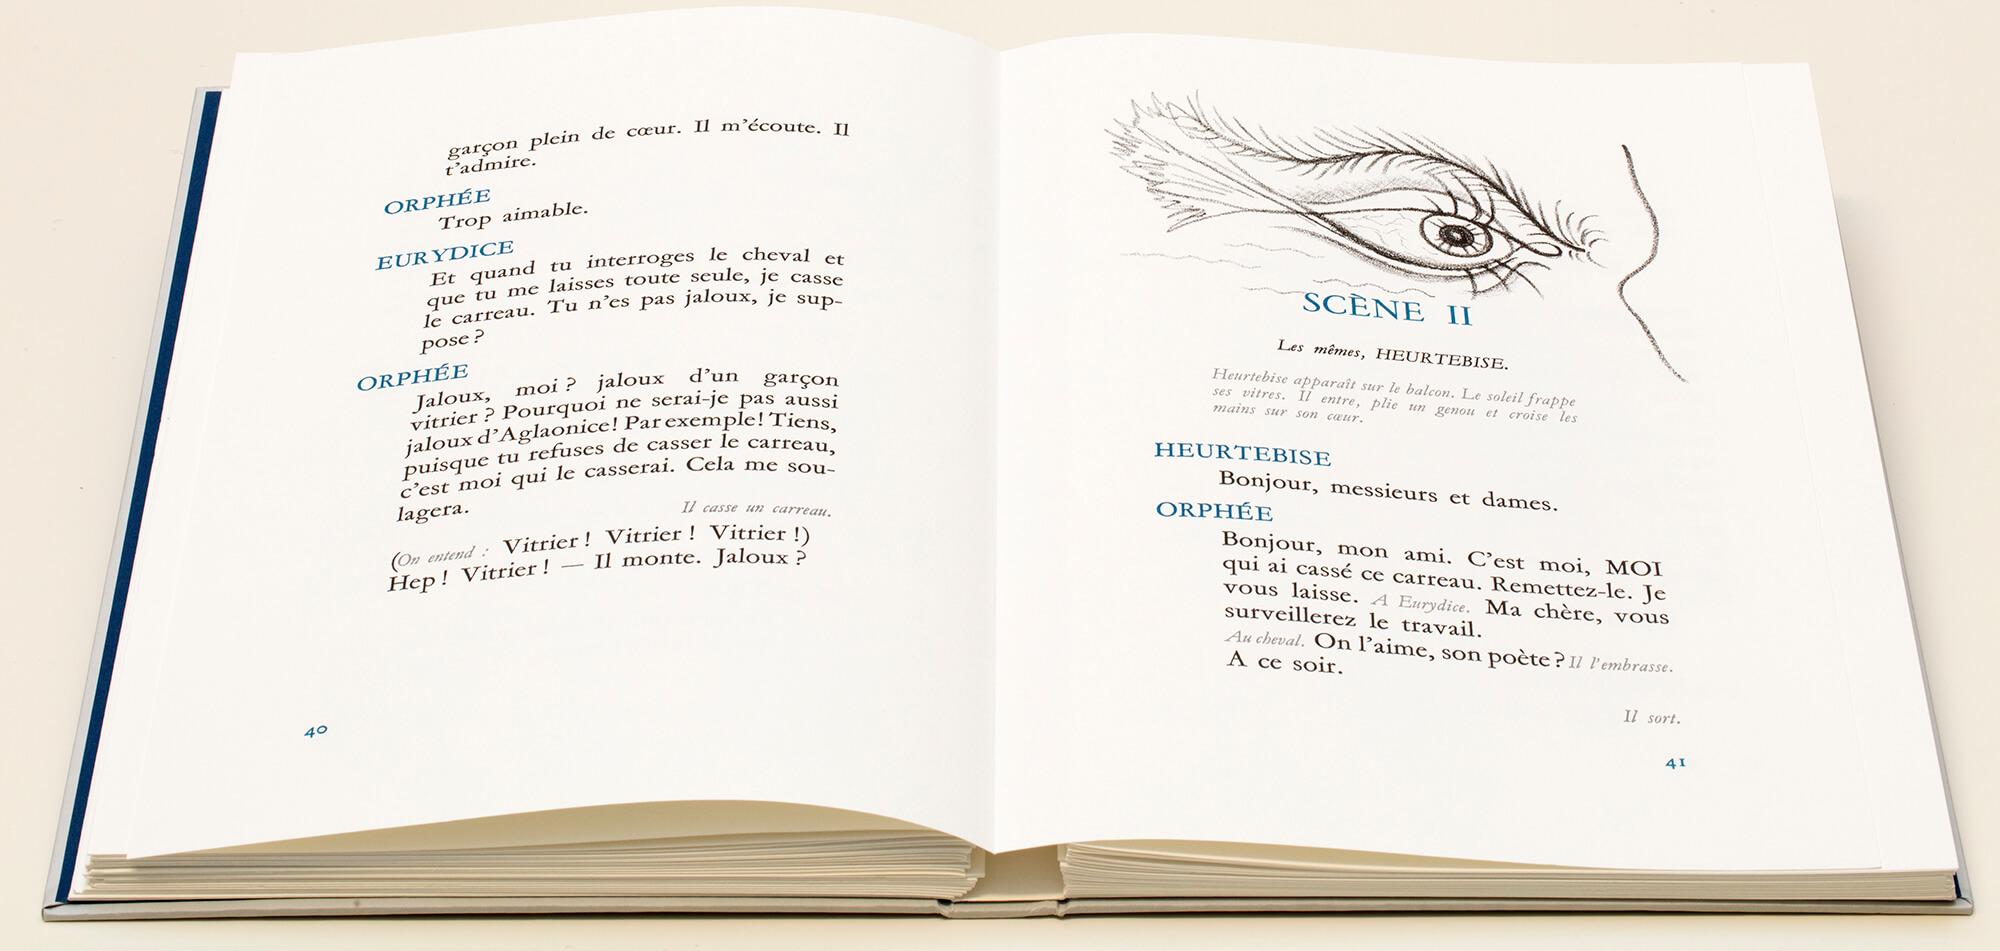 Orphée page 40